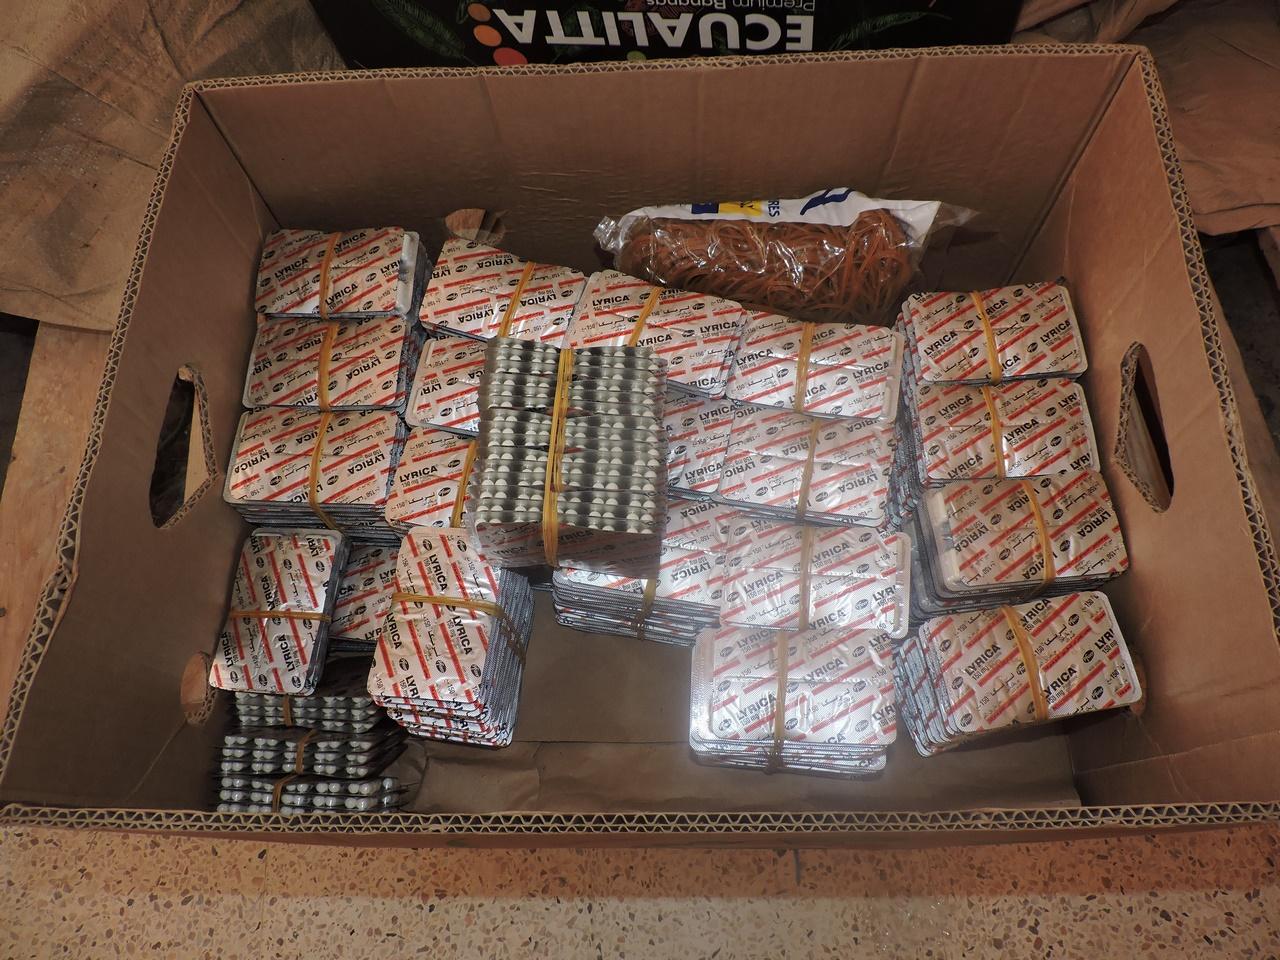 توقيف شخصين و حجز 29160 قرص من دواء ليريكا بأحد المستودعات بمدينة  قسنطينة